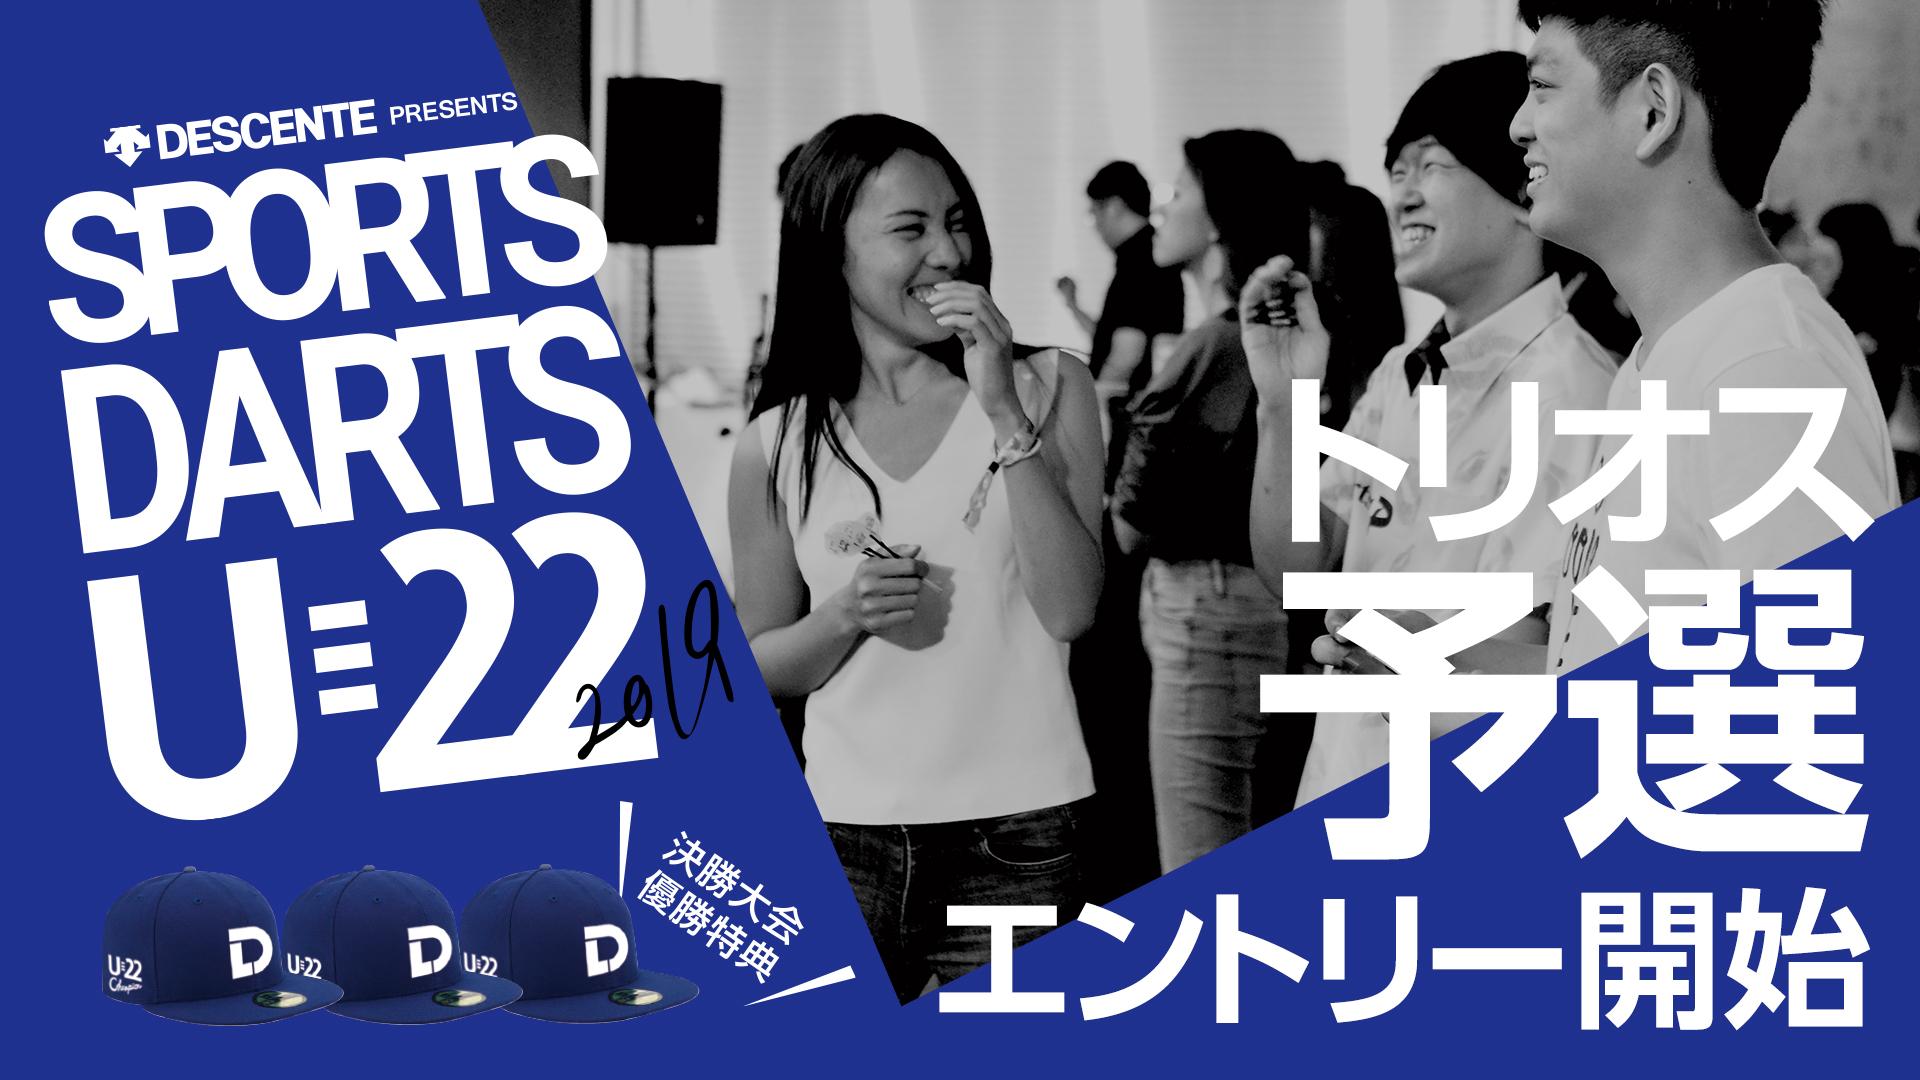 【U-22】トリオス予選エントリー受付スタート!